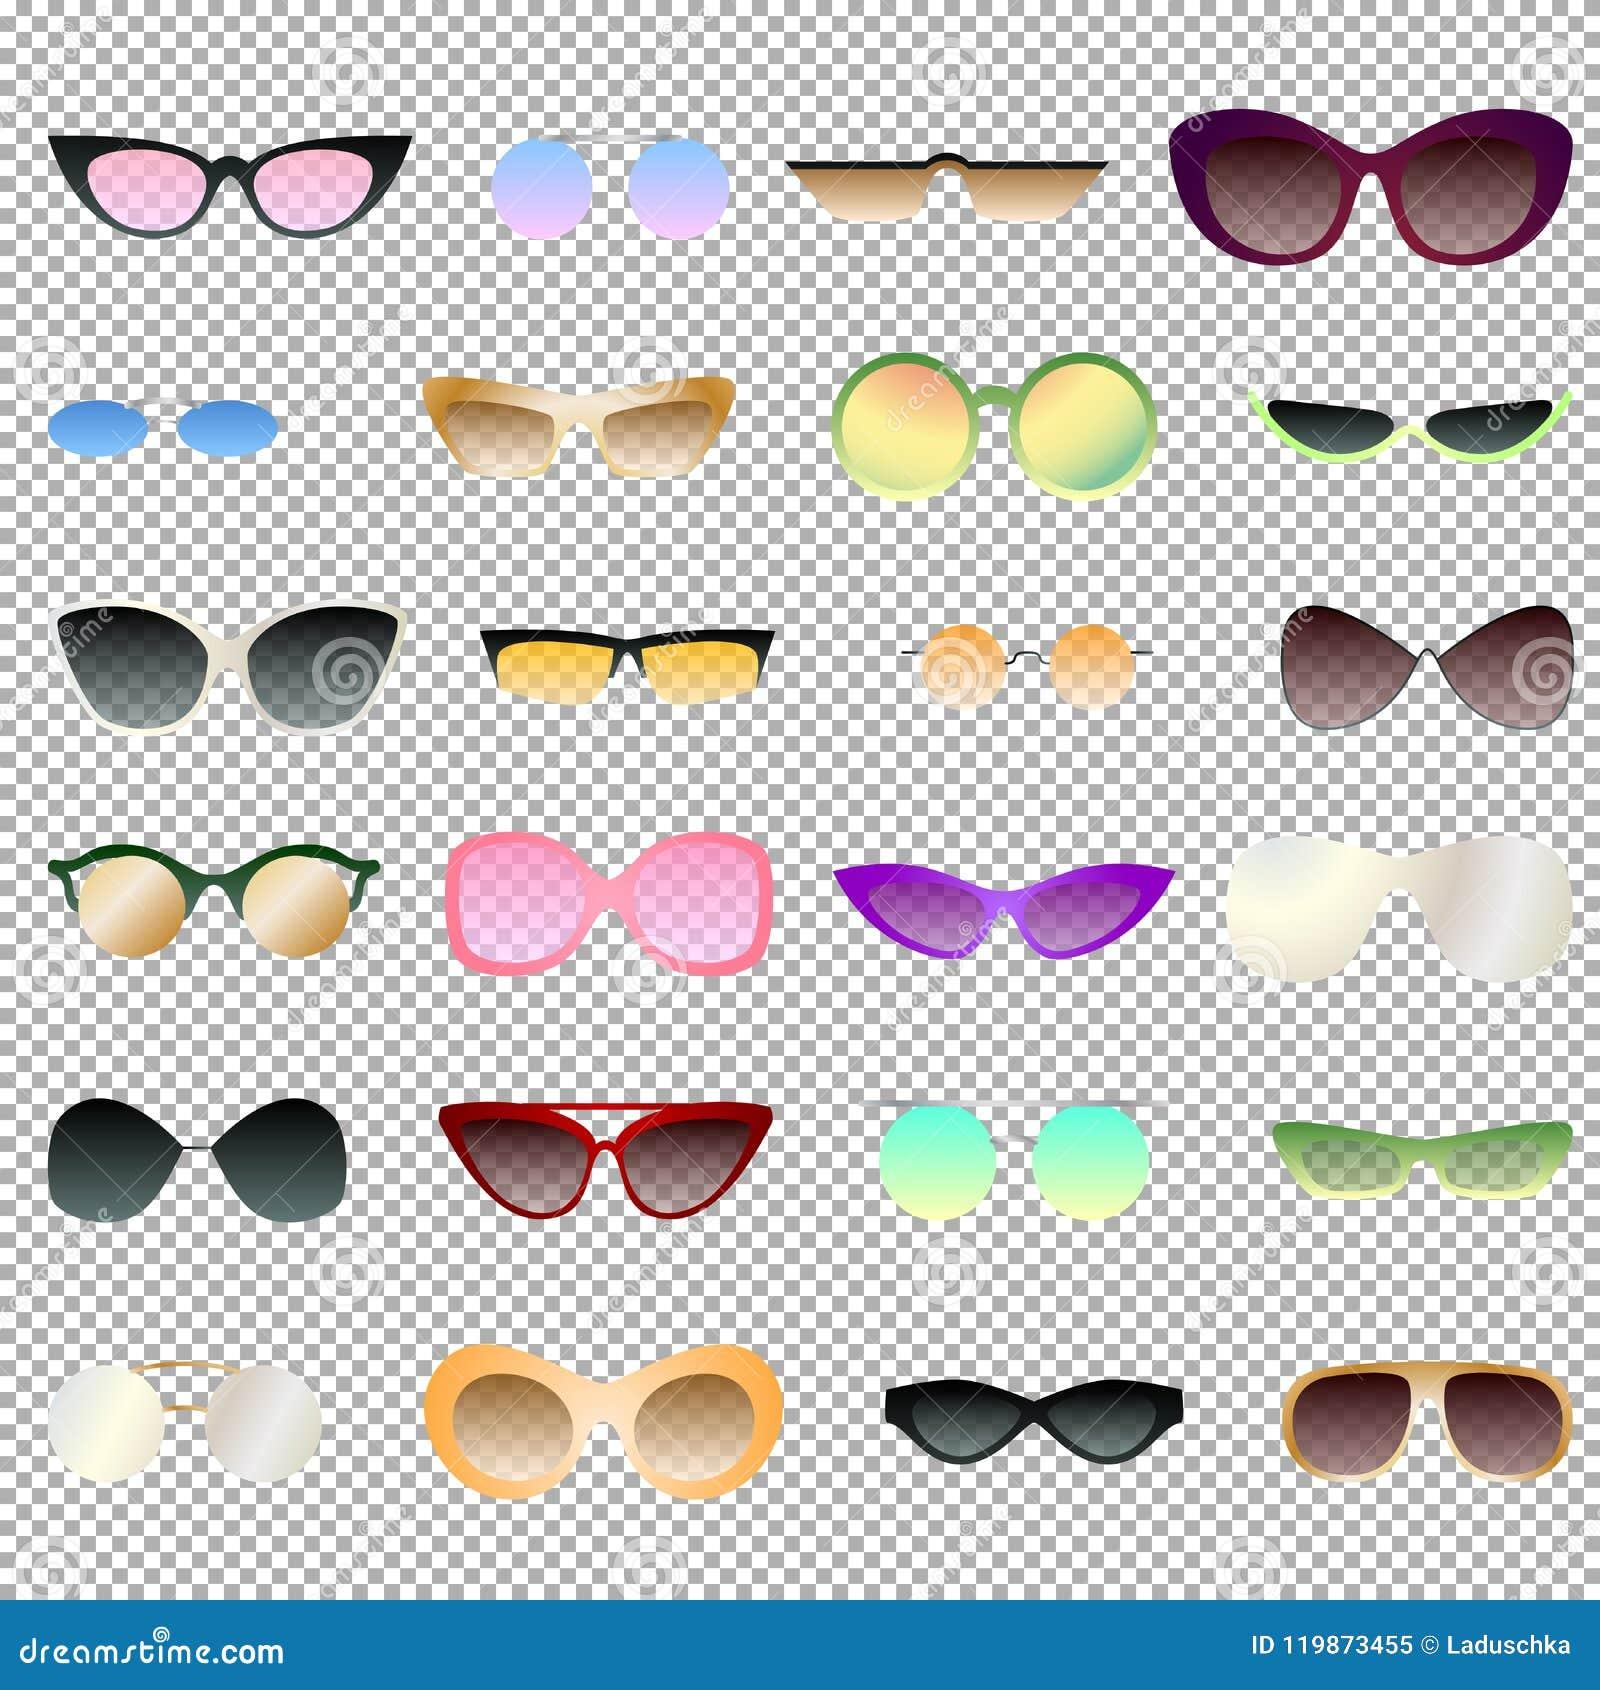 为clipart设置透明和不透明的eyewear